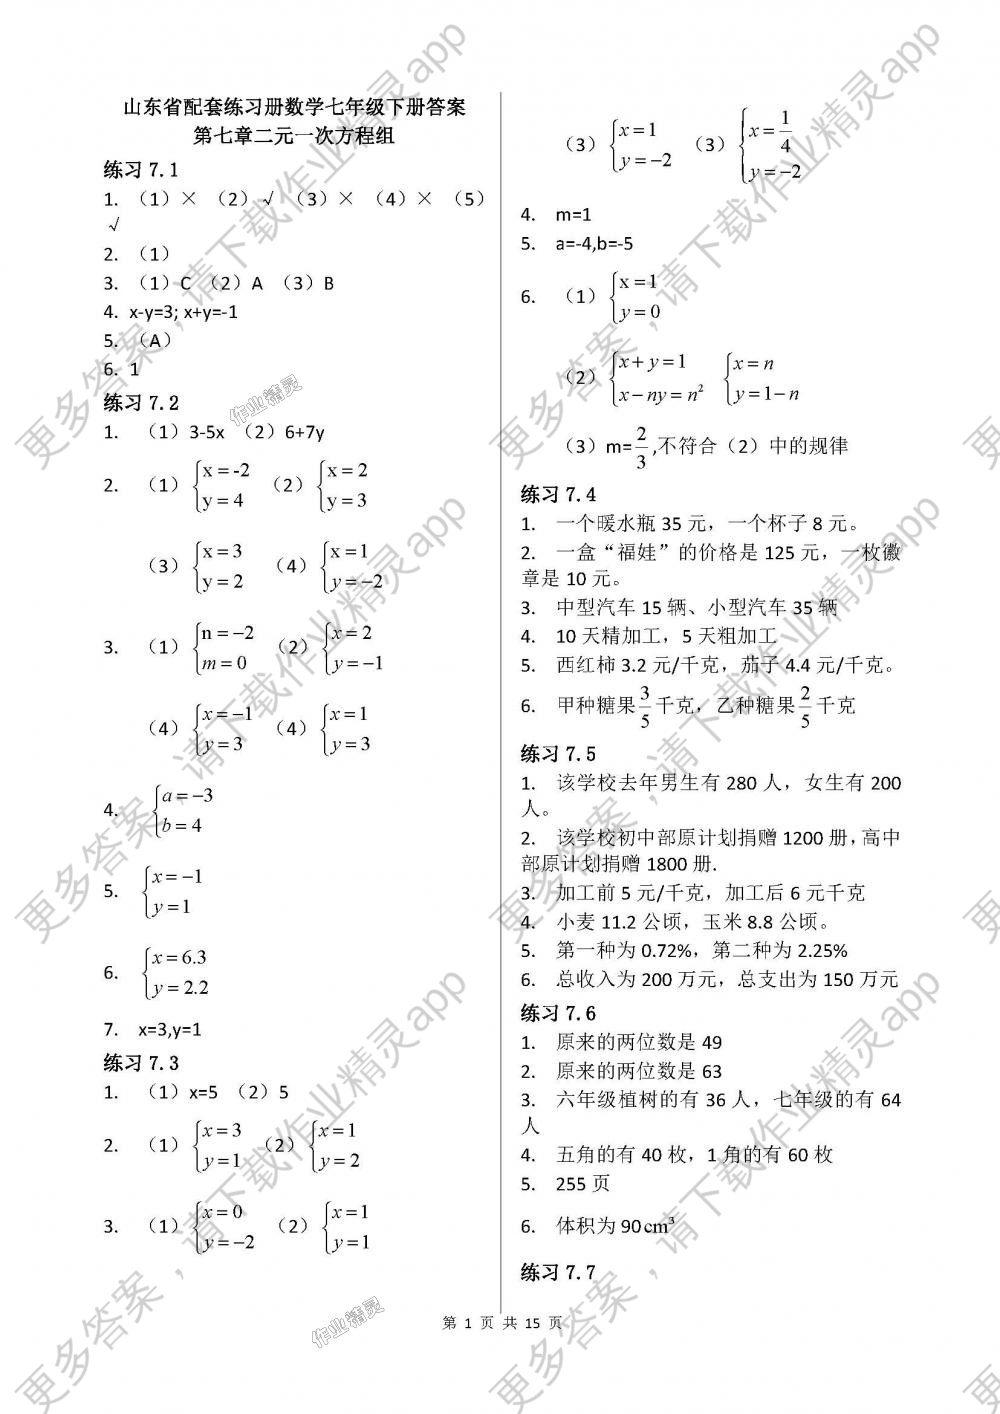 2018年配套练习册山东教育出版社七年级数学下册鲁教版 第1页